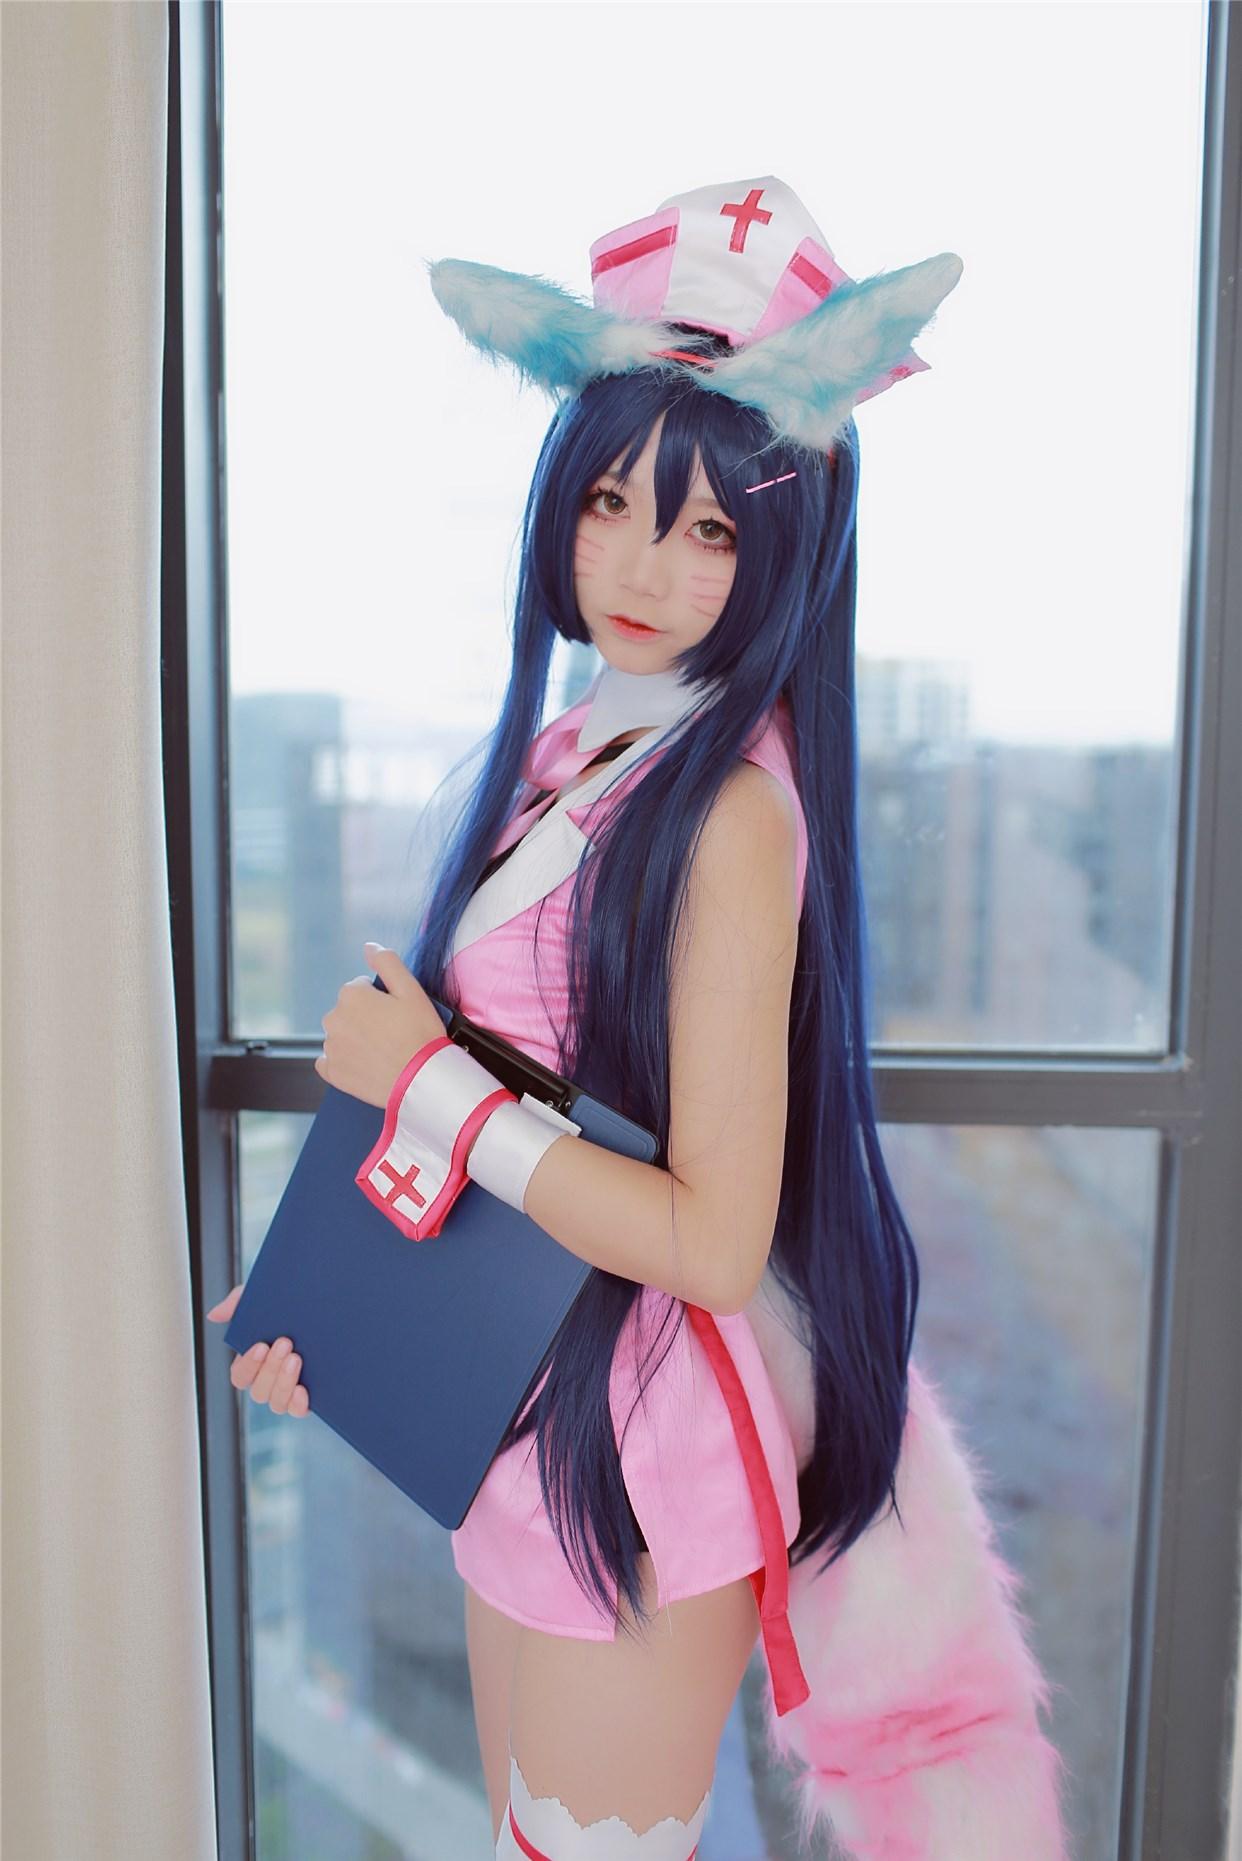 【兔玩映画】让阿狸好好宠爱你吧 兔玩映画 第28张